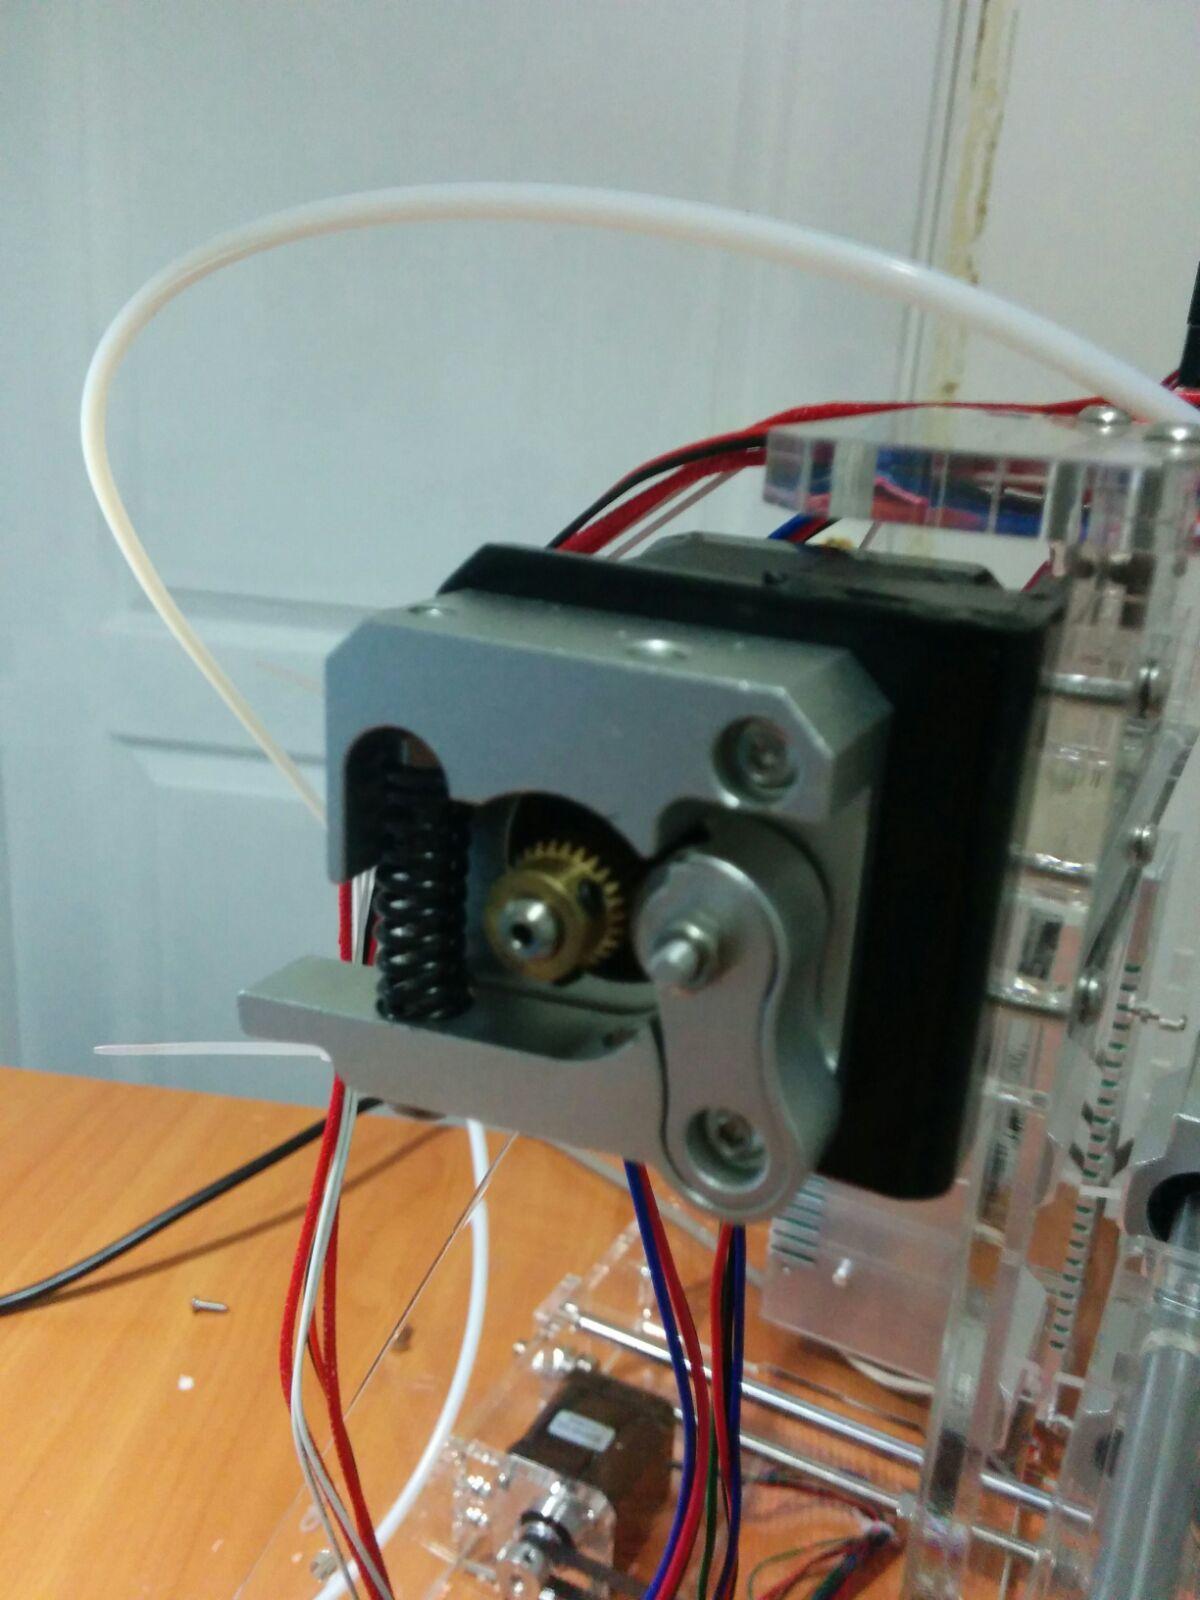 Конструктор 3D-принтера от SUNHOKEY в процессе эксплуатации (часть вторая) - 15